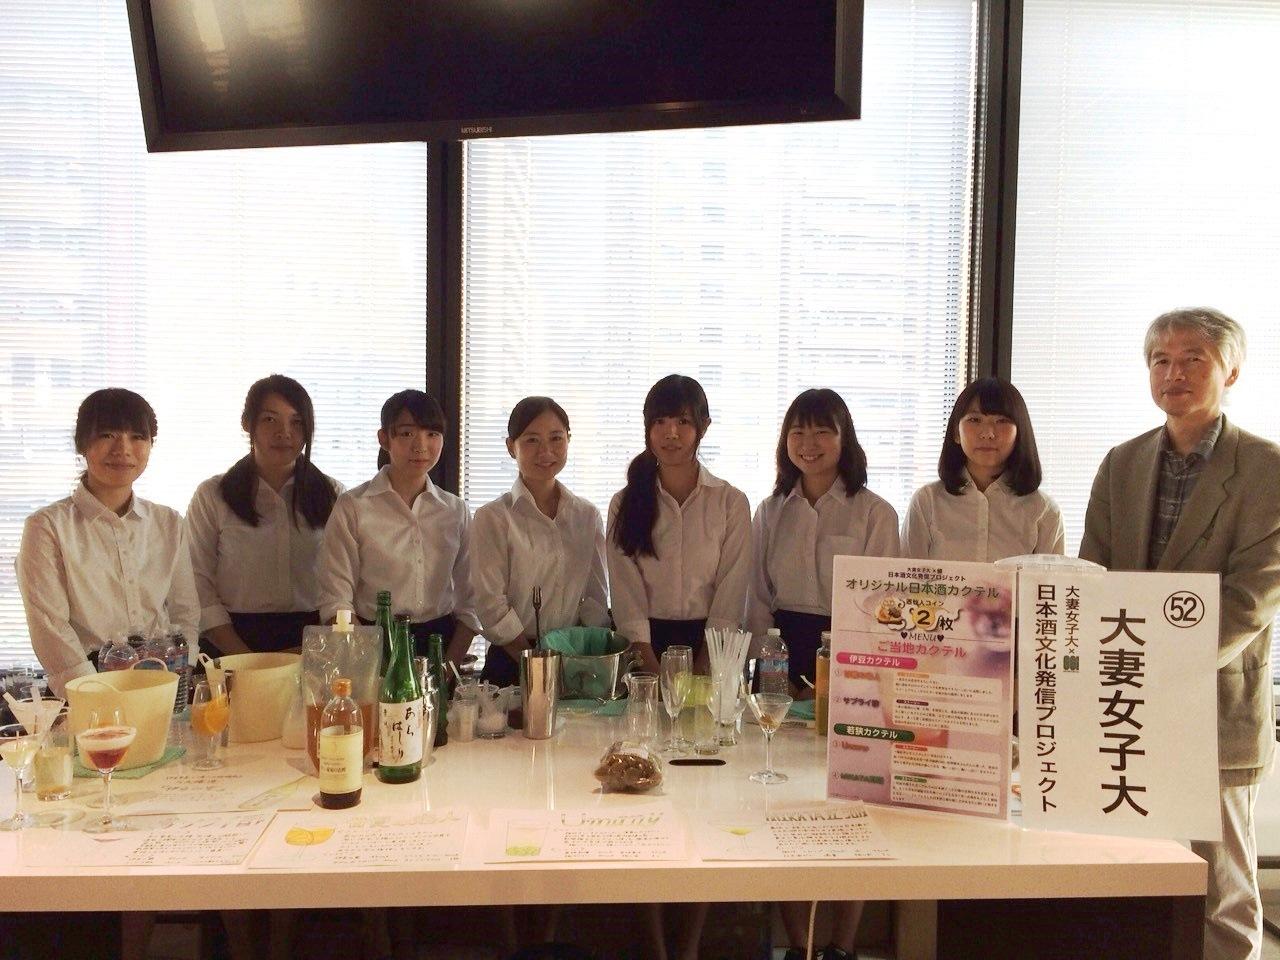 """大妻女子大学の学生が日本酒の普及と""""ご当地""""の魅力を伝えるカクテルを考案 --宮田ゼミ「日本酒文化発信プロジェクト」"""